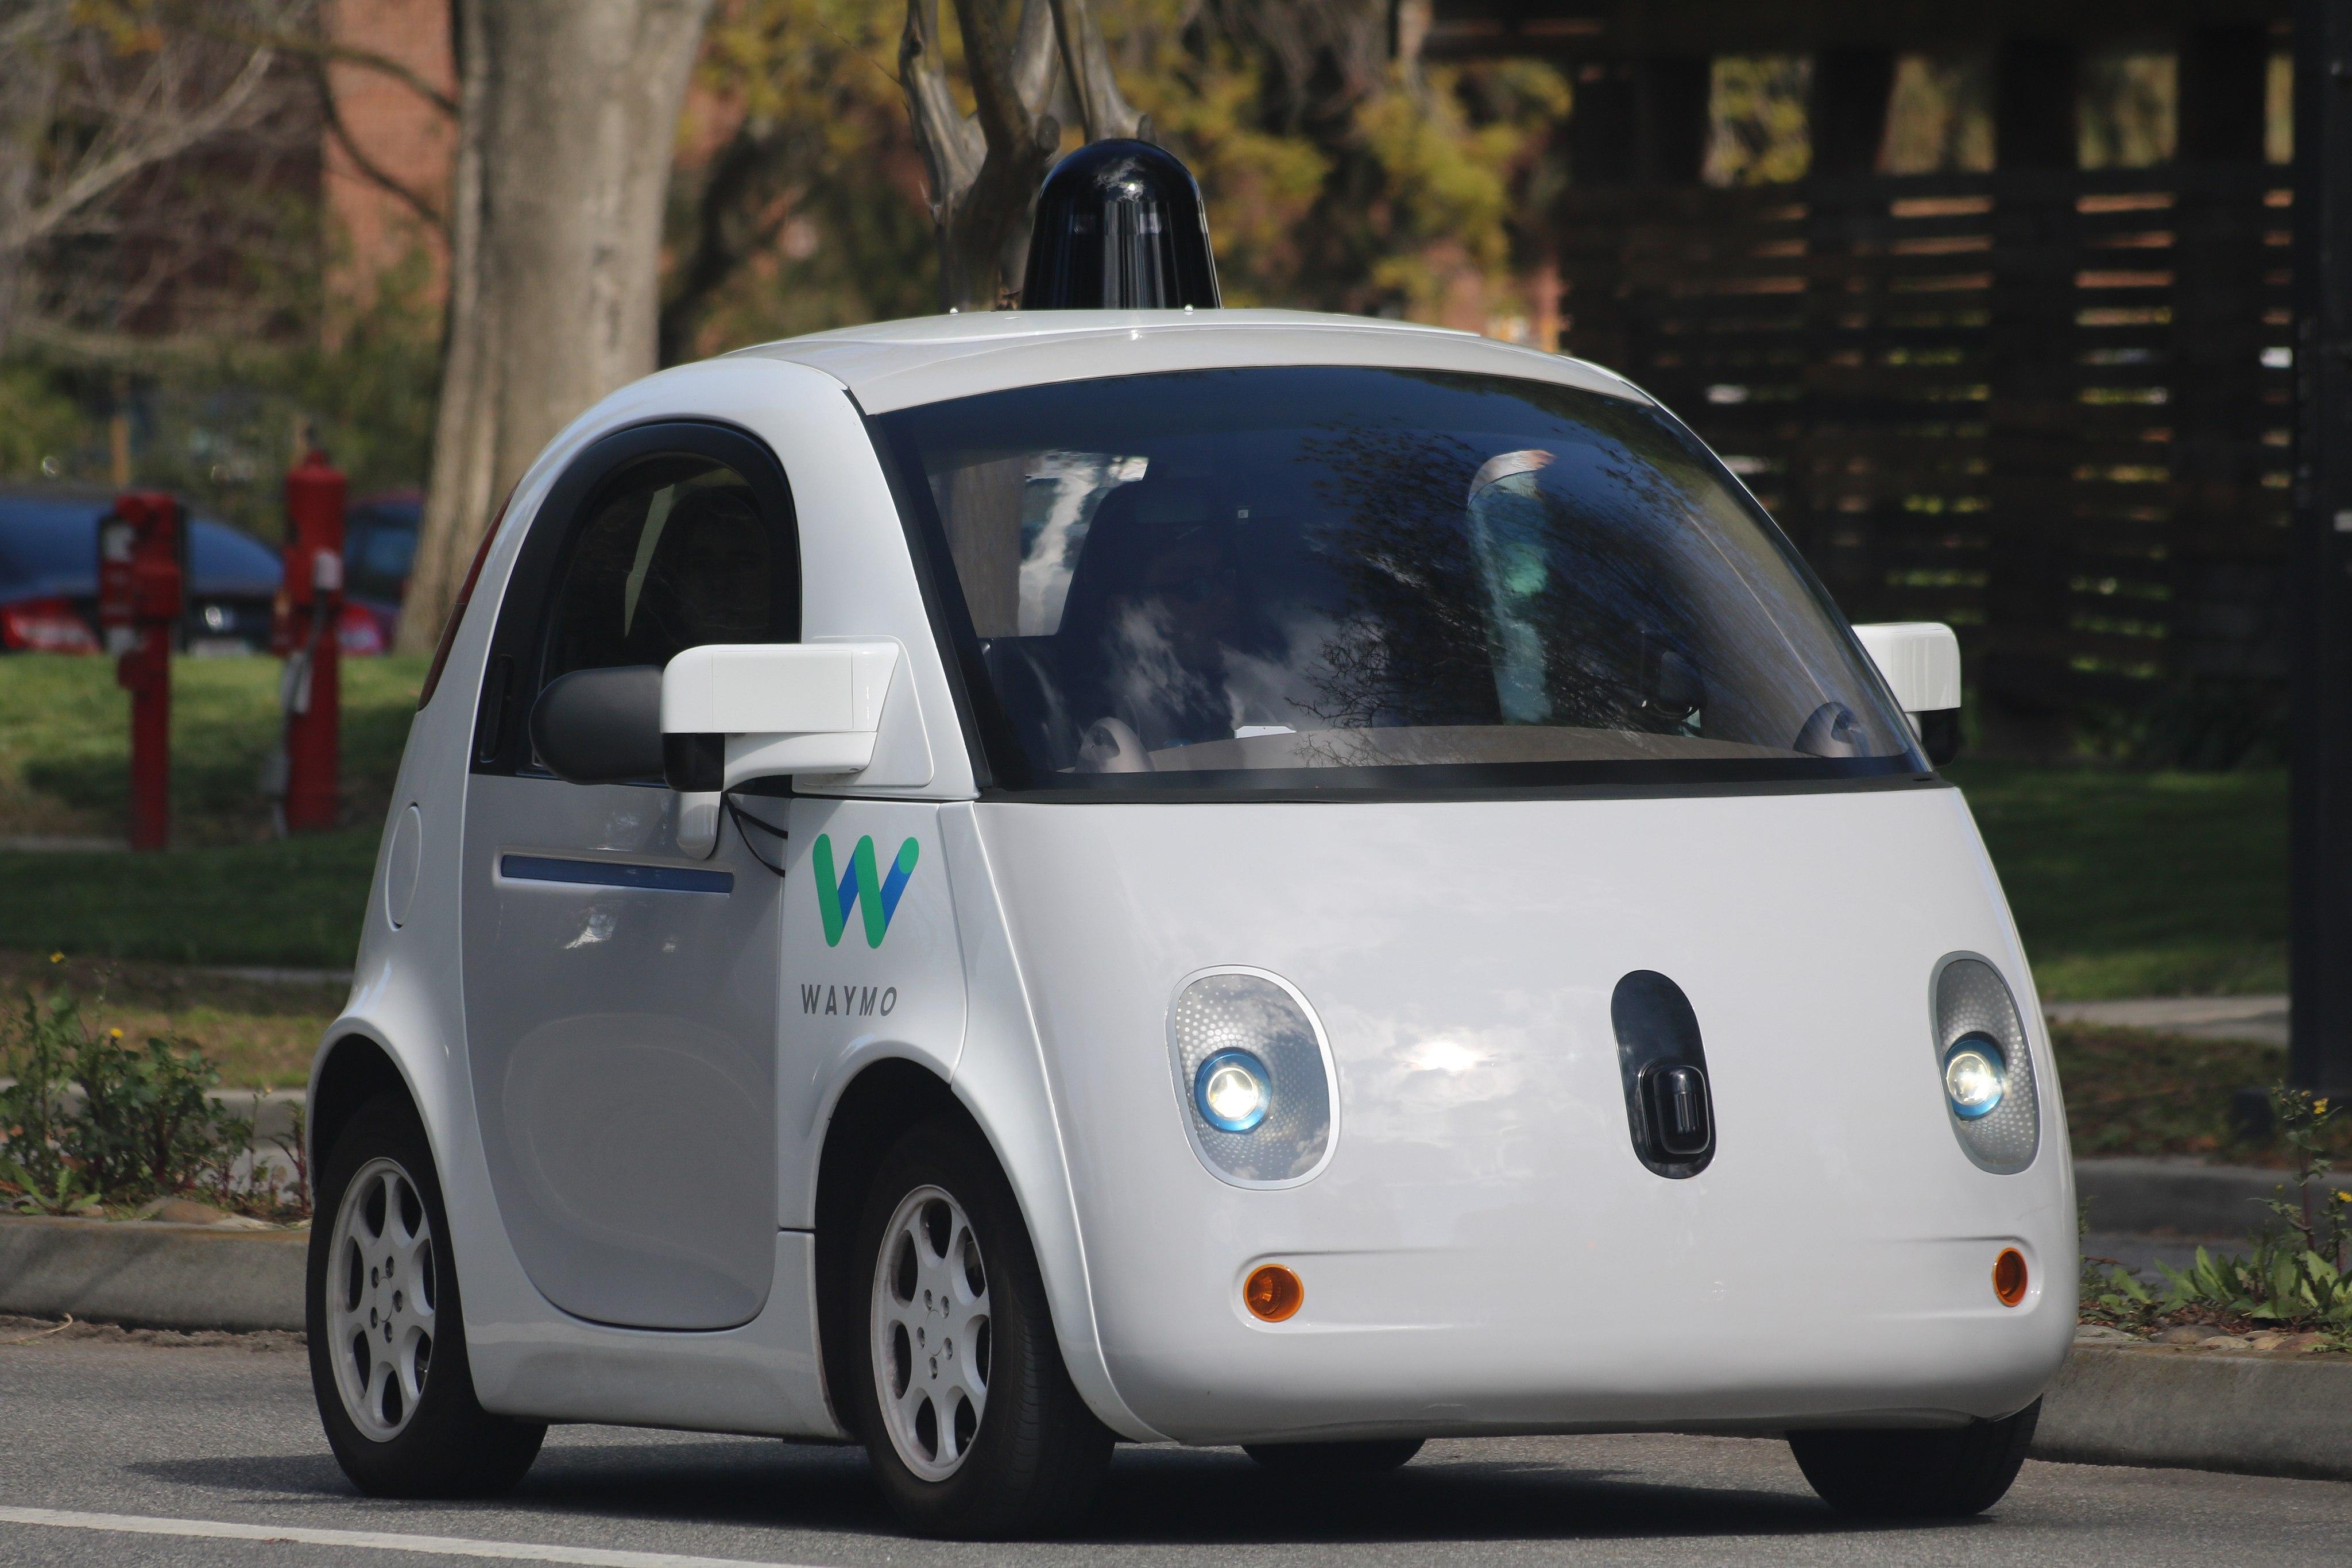 voitures autonomes alphabet google ne fait pas. Black Bedroom Furniture Sets. Home Design Ideas